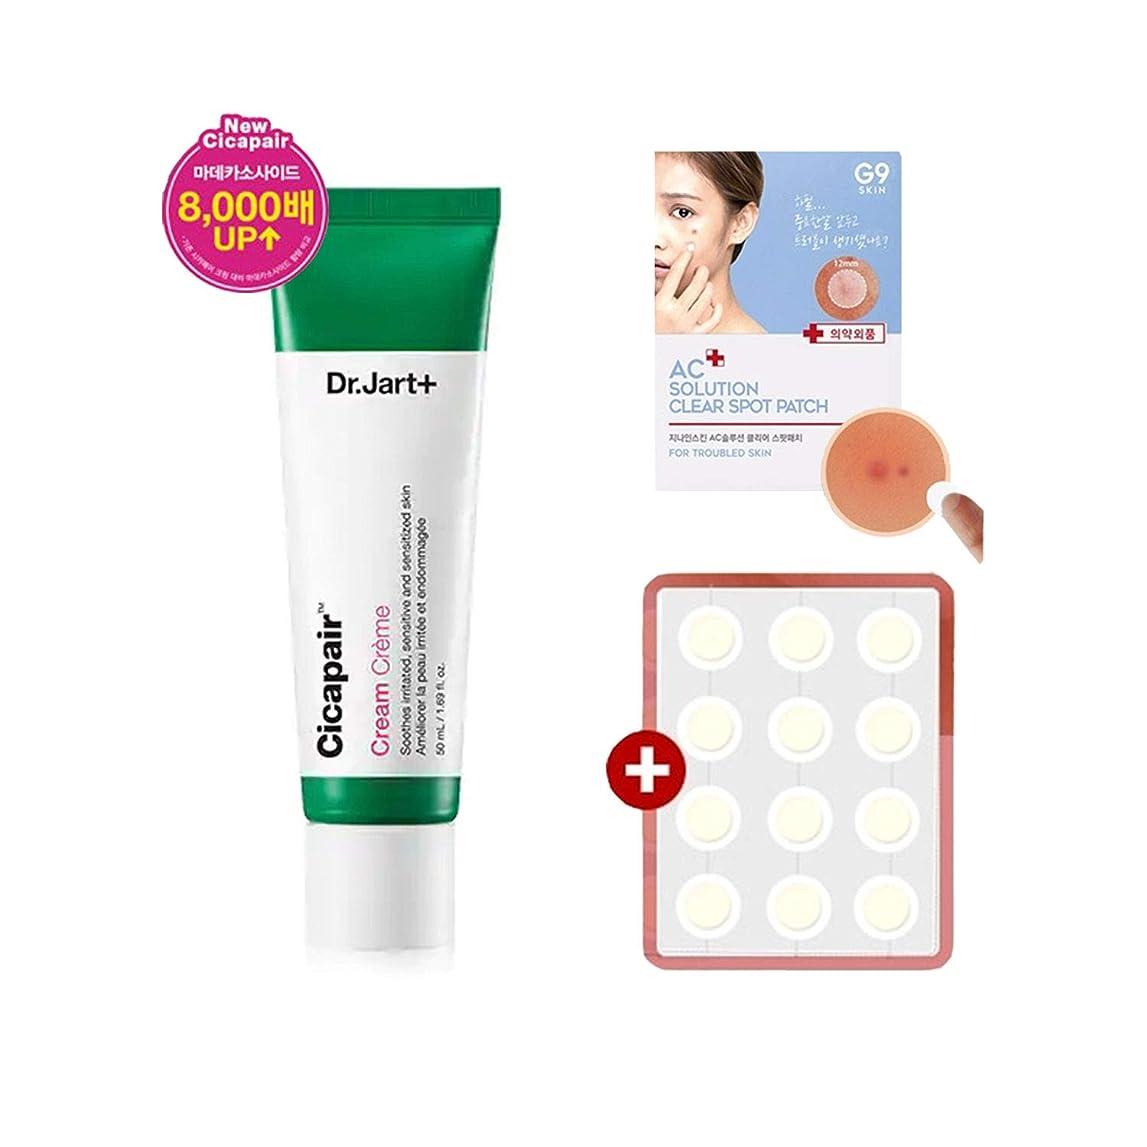 なるアナリスト日の出[リニューアル] Dr.Jart Cicapair Cream クリーム50ml(2代目)+ G9SKIN ACソリューションクリアパッチ 12枚 [並行輸入品]